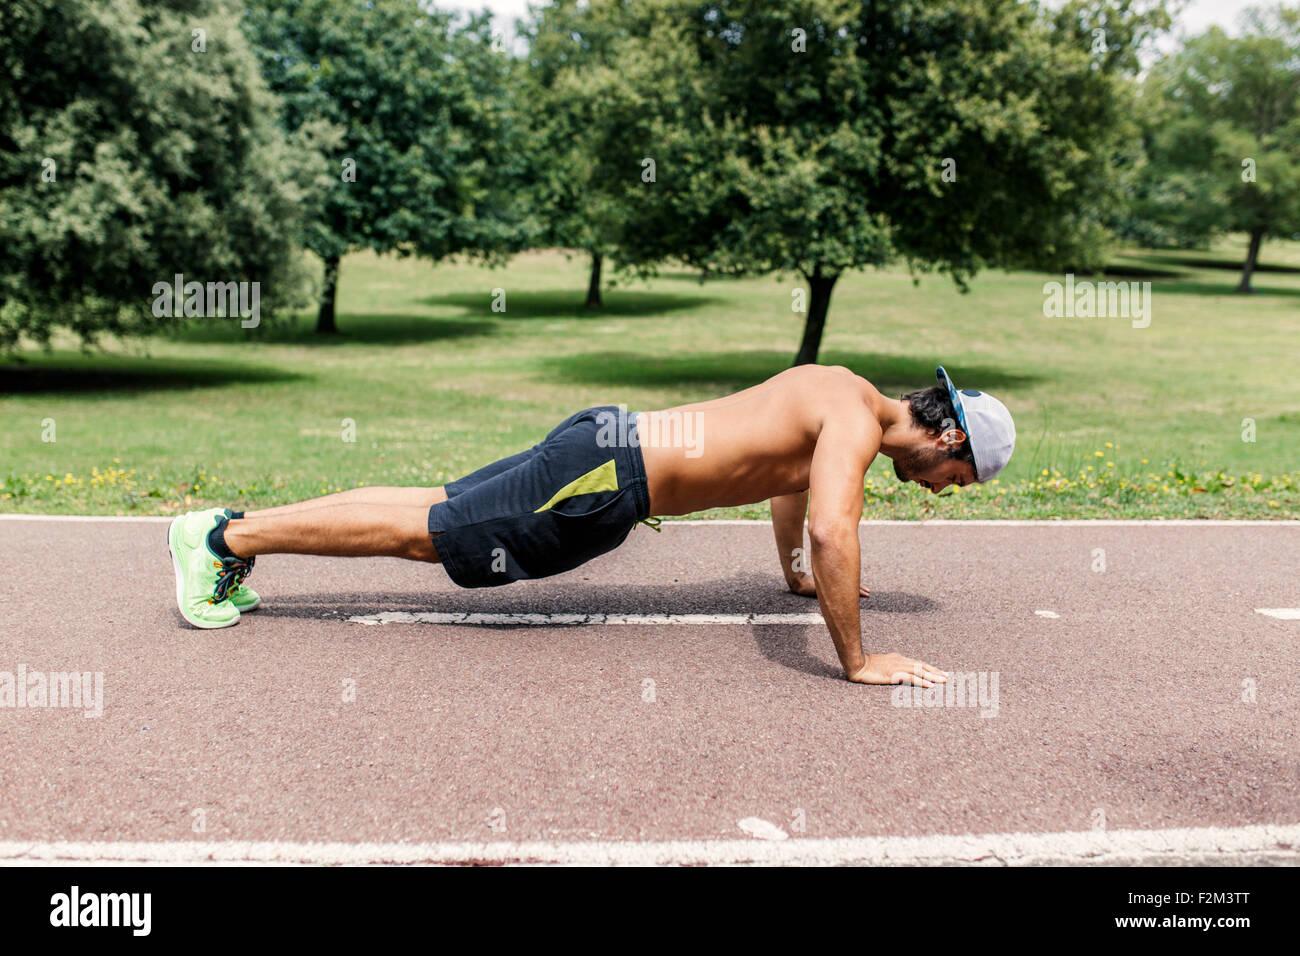 Joven haciendo pushups atlética en el parque Imagen De Stock